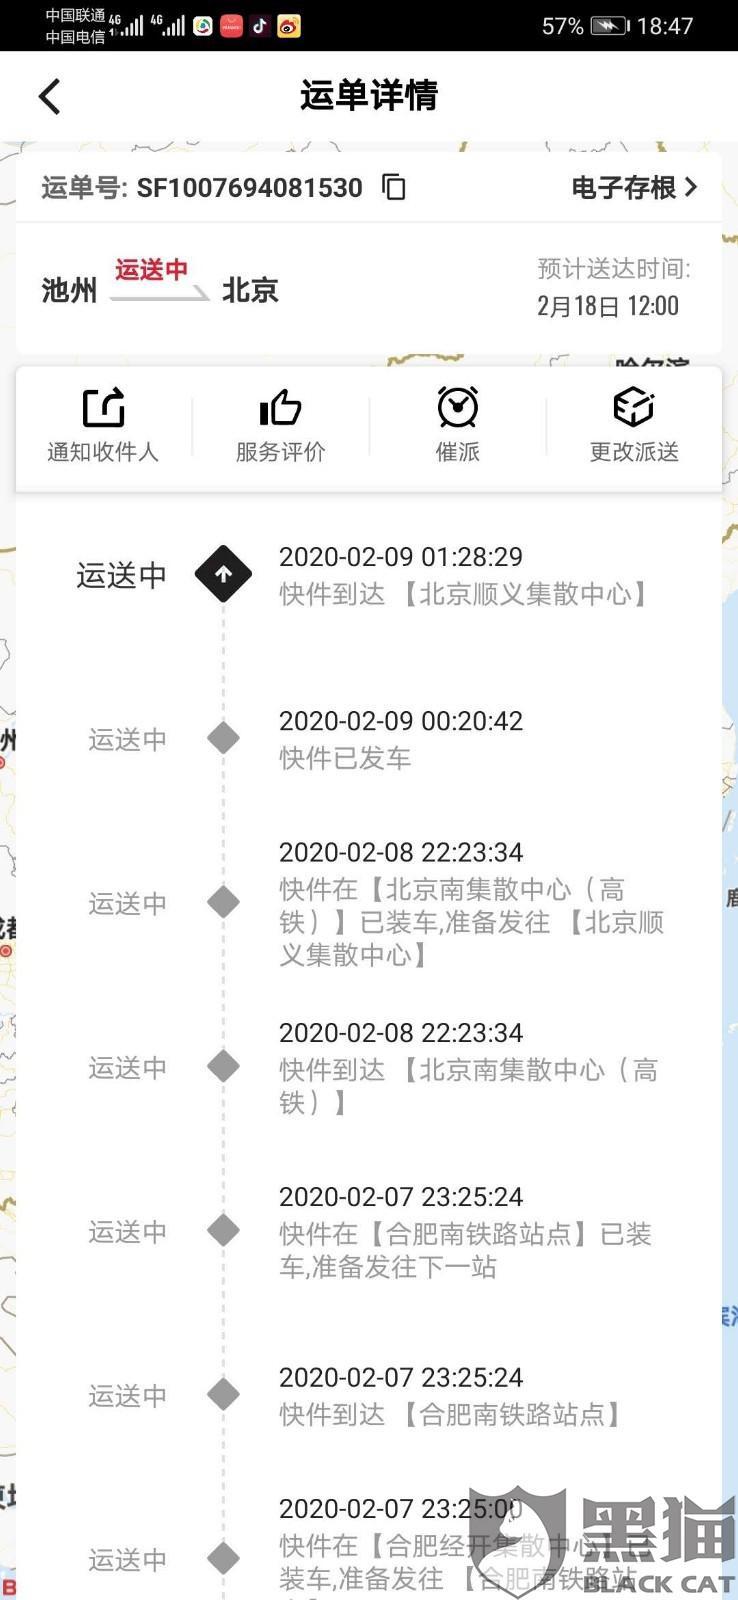 黑猫投诉:7号寄的快递  9号到北京   物流信息在北京顺义集散中心不动了